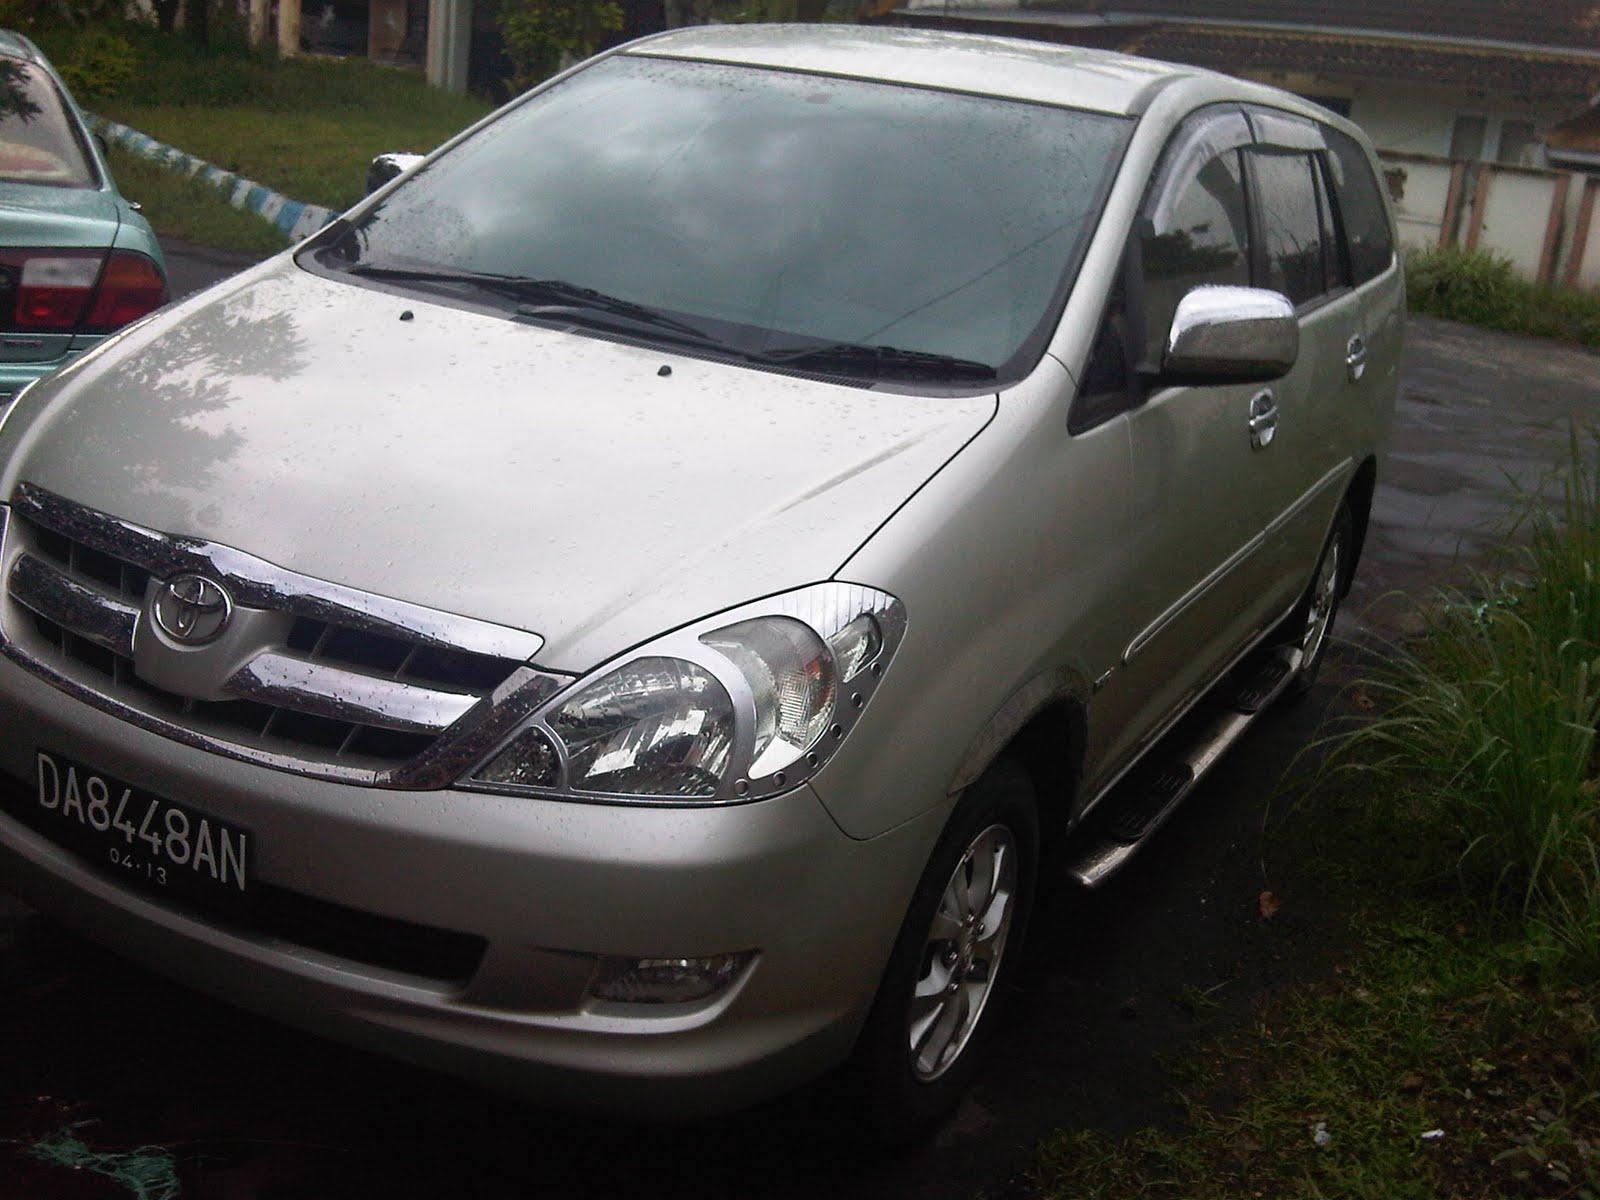 Jual-Beli-Sewa Mobil Malang Raya: Dijual Kijang Innova ...